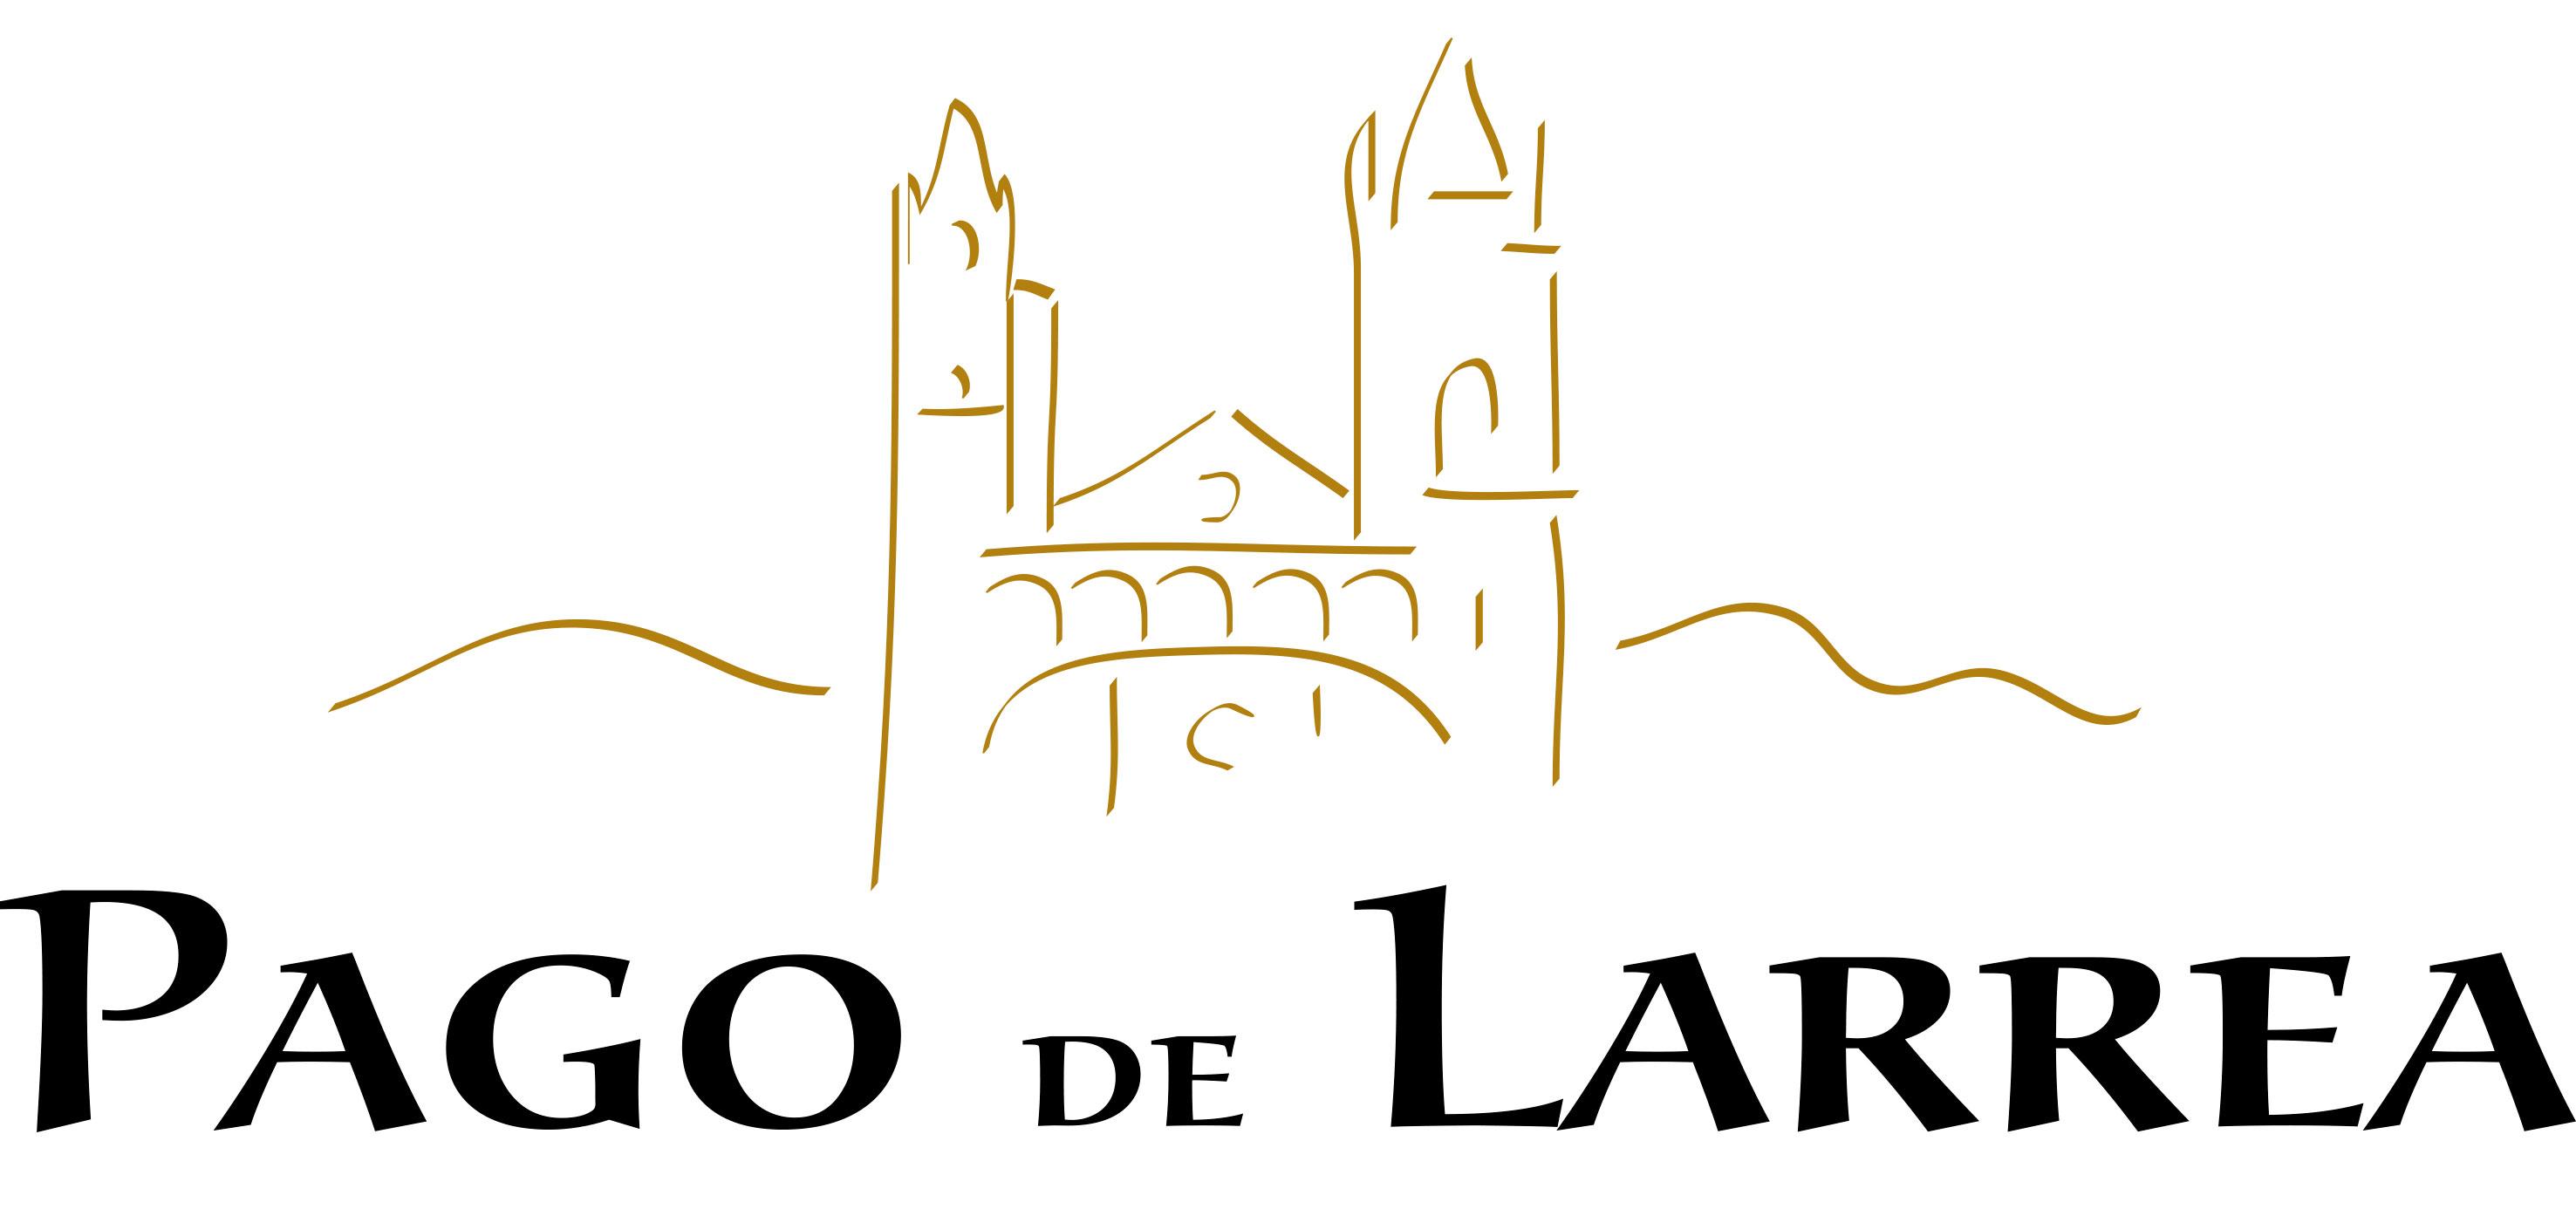 Pago de Larrea